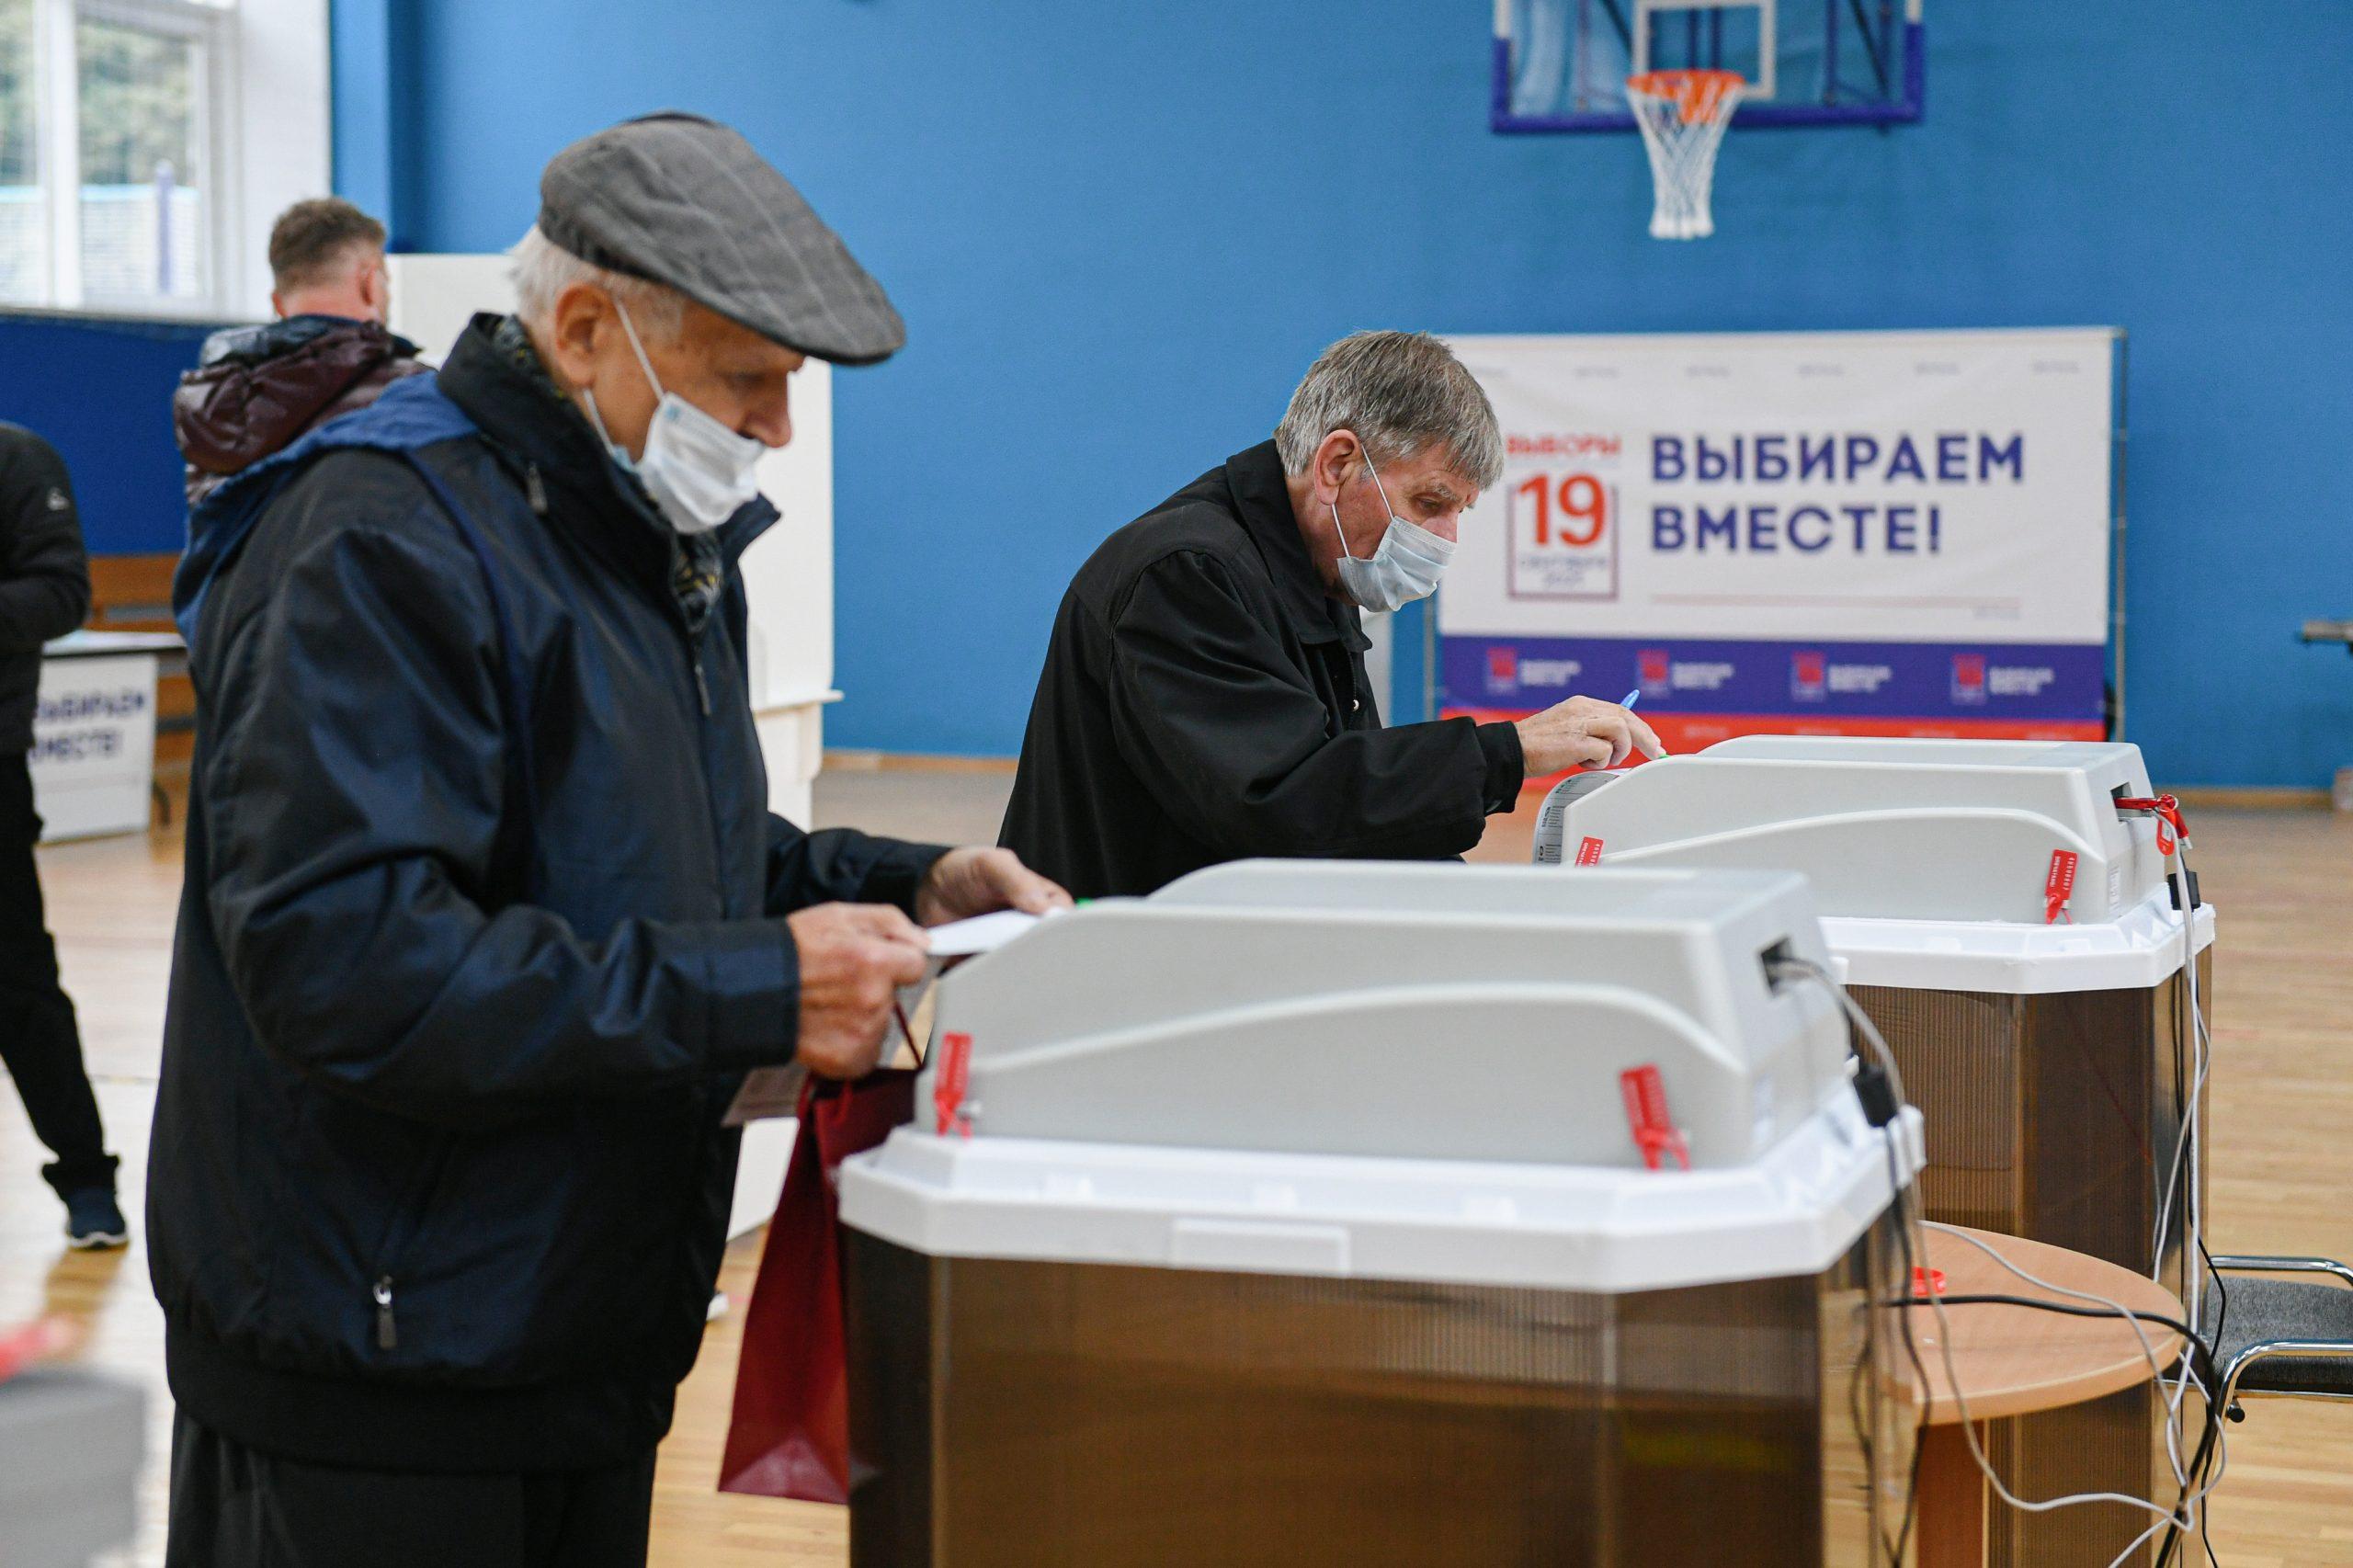 Estados Unidos atacó electrónicamente a Rusia durante su elección democrática